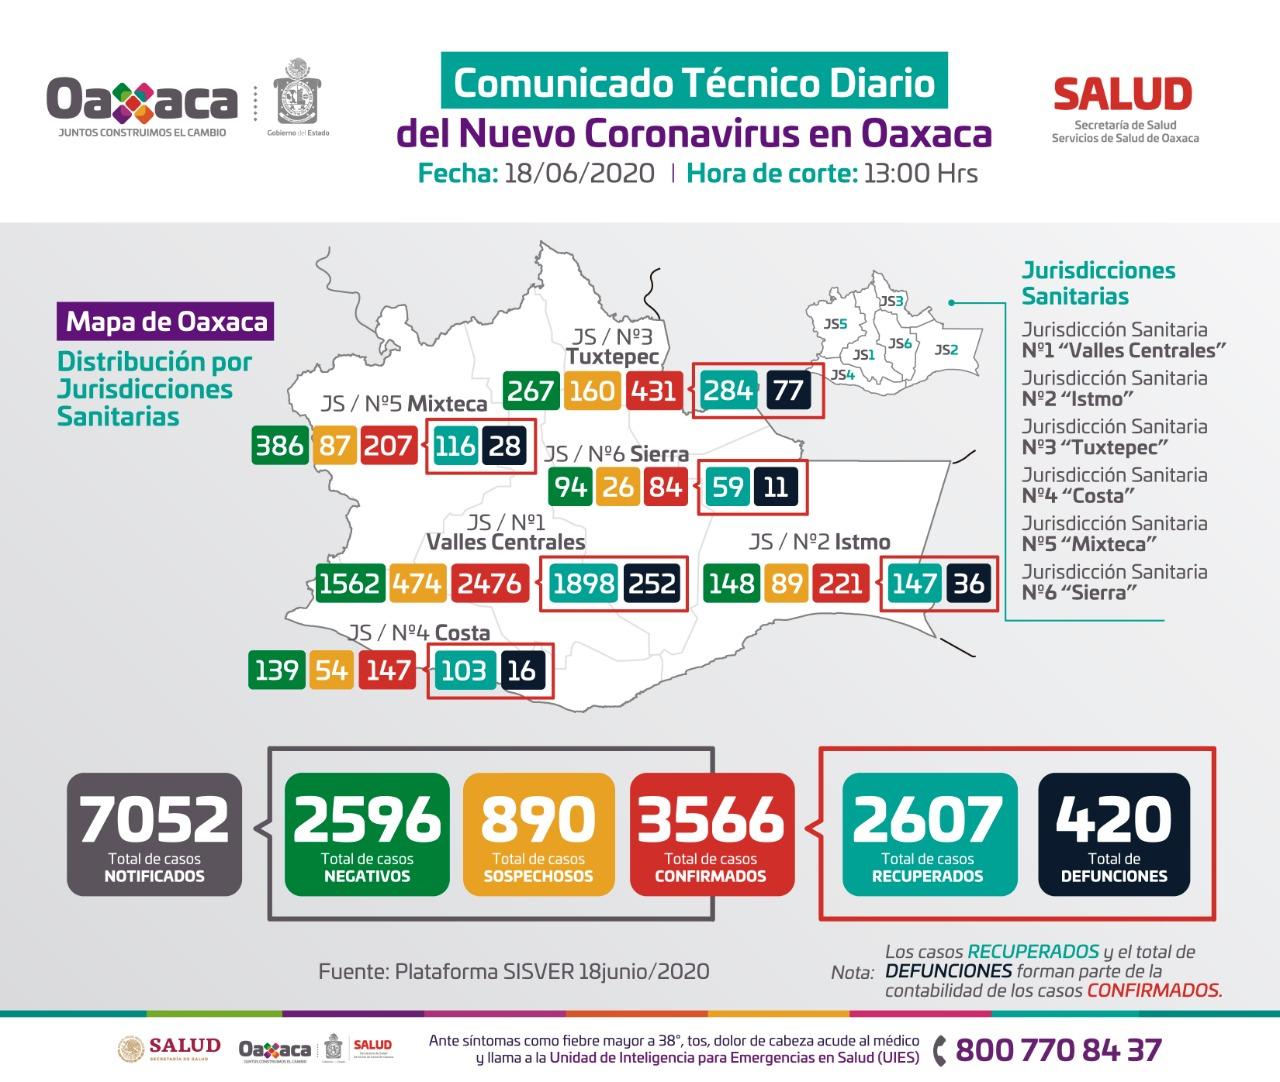 103 municipios de Oaxaca con casos activos de Covid-19; Continúa semáforo rojo